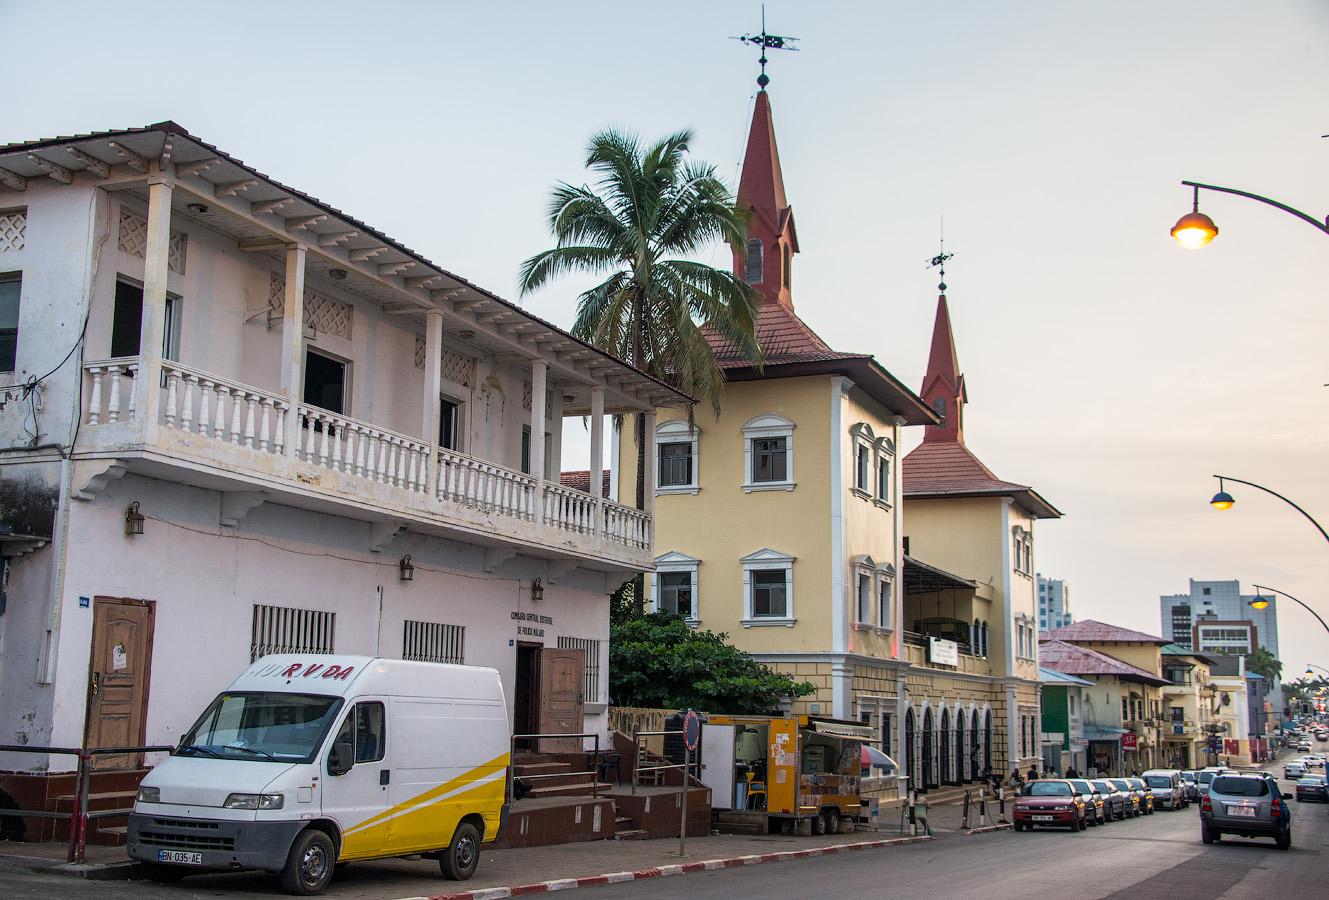 ЦАРские, и не только, приключения в Центральной Африке. Экваториальная Гвинея.